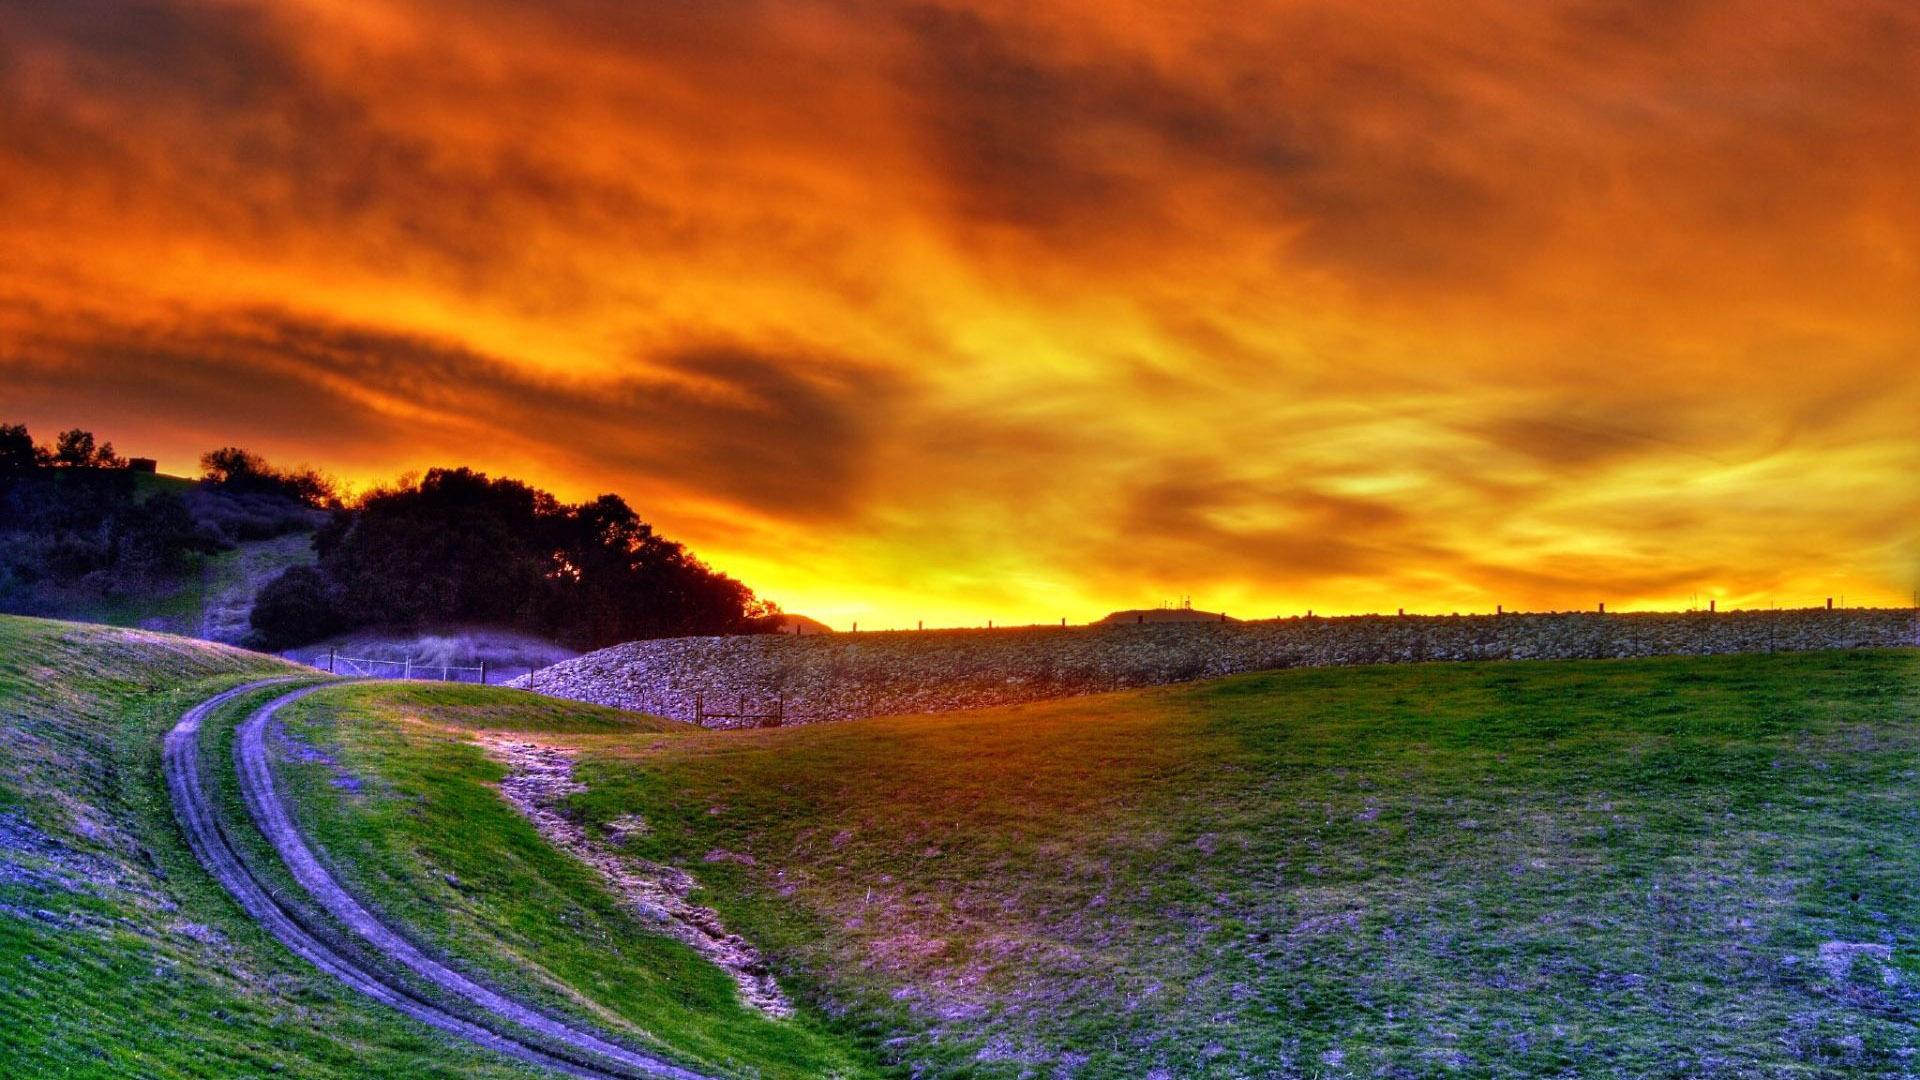 بالصور صور طبيعة جميلة , احلى خلفيات اشجار وسماء وبحار روعه 3981 1